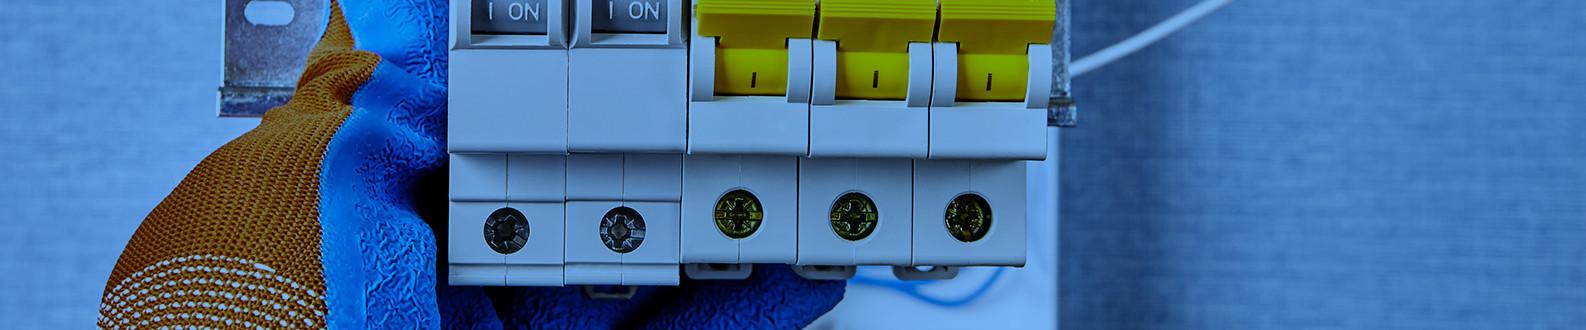 Appareillage modulaire et matériel électrique sur Lelectricien.net